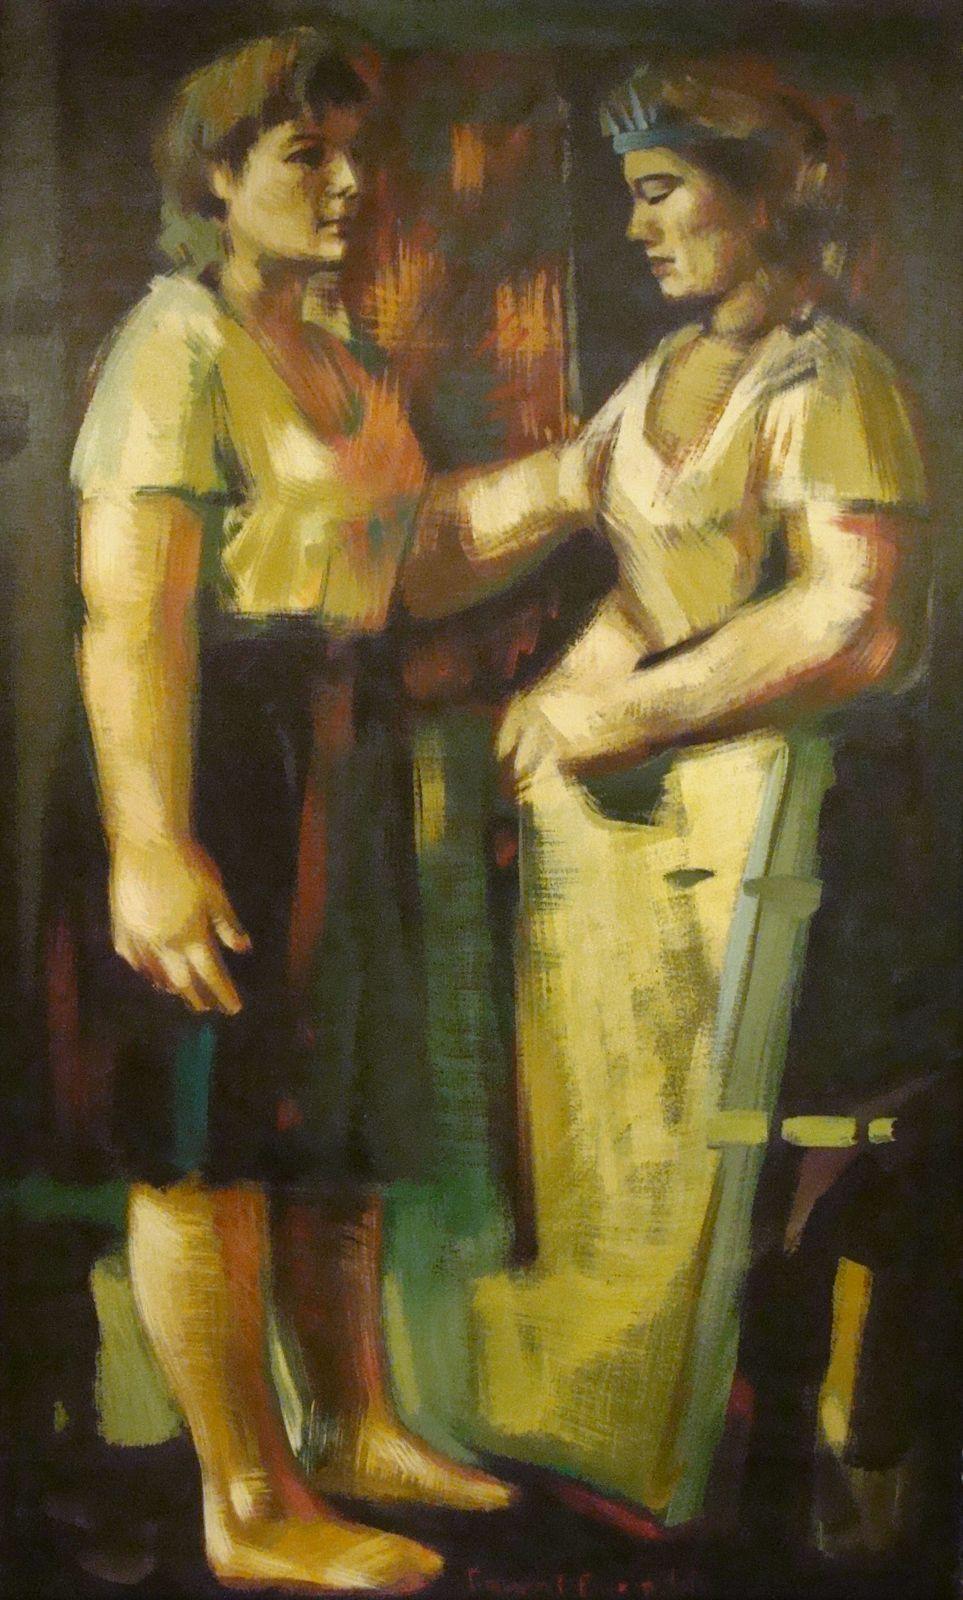 Γιάννης Βακιρτζής 60×100 Λάδι σε καμβά Yiannis Vakirtzis 60×100 Oils on canvas.jpg